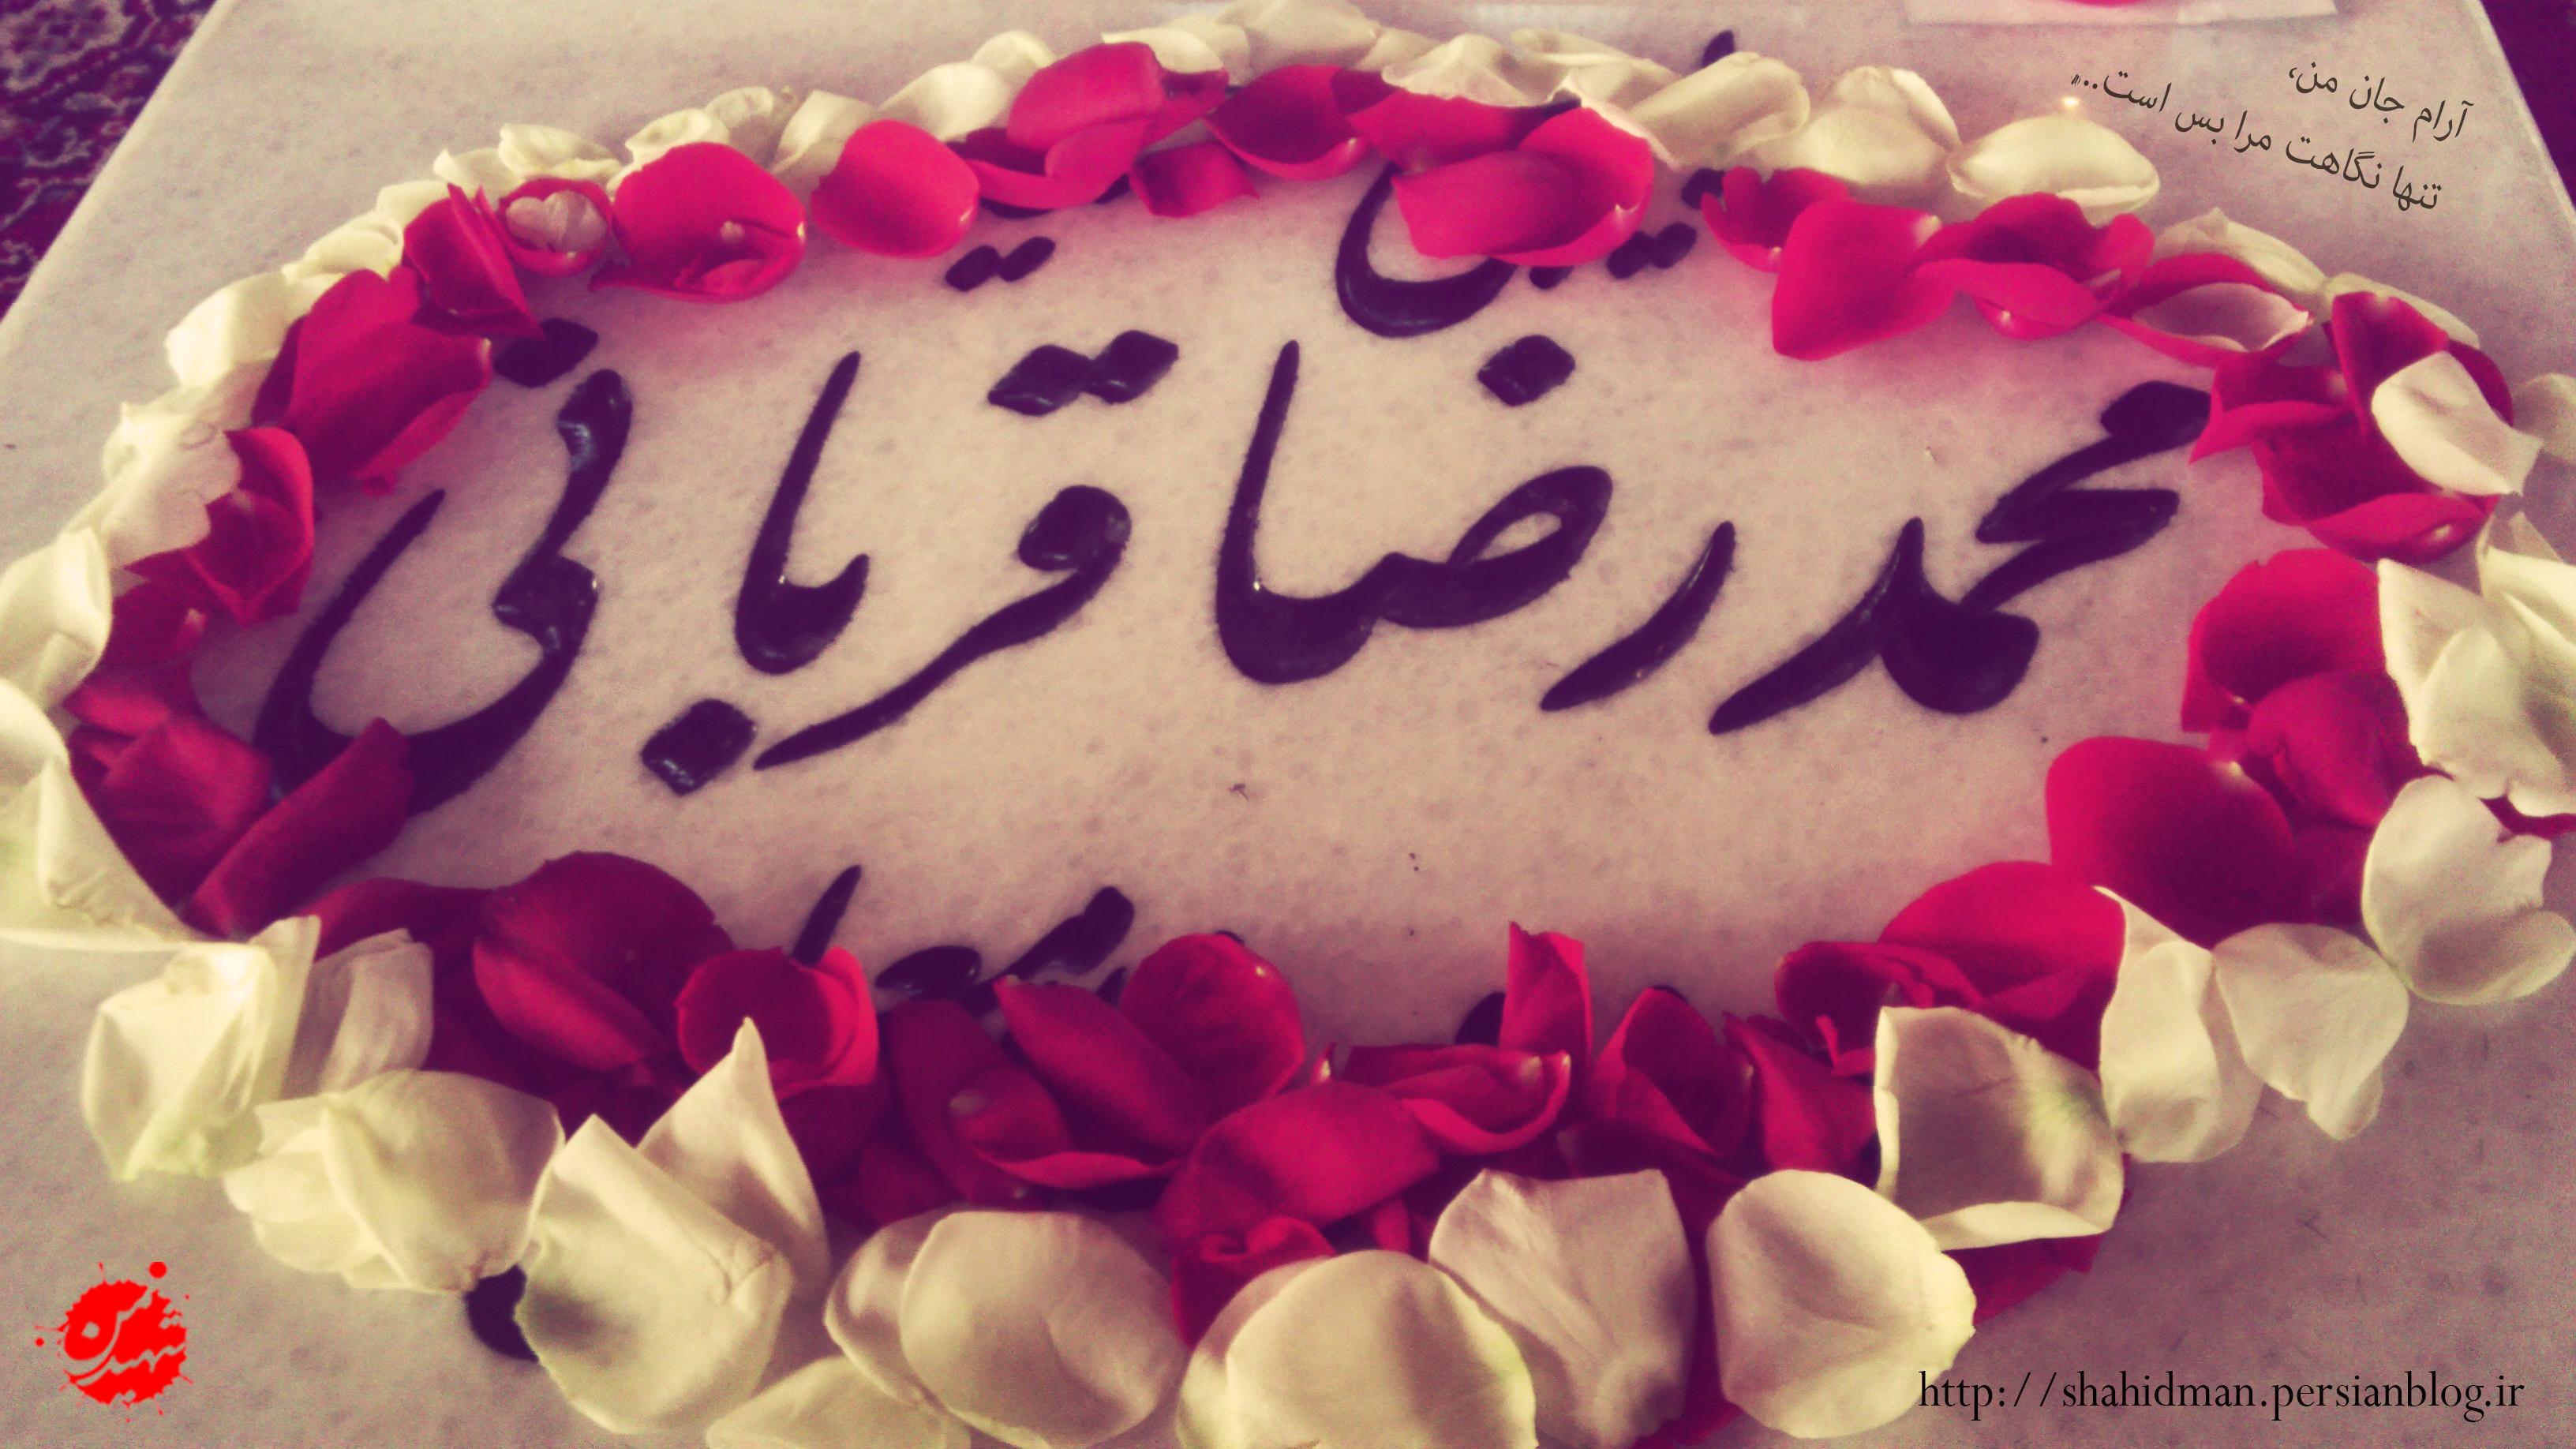 سالگرد شهدات دایی محمدرضا